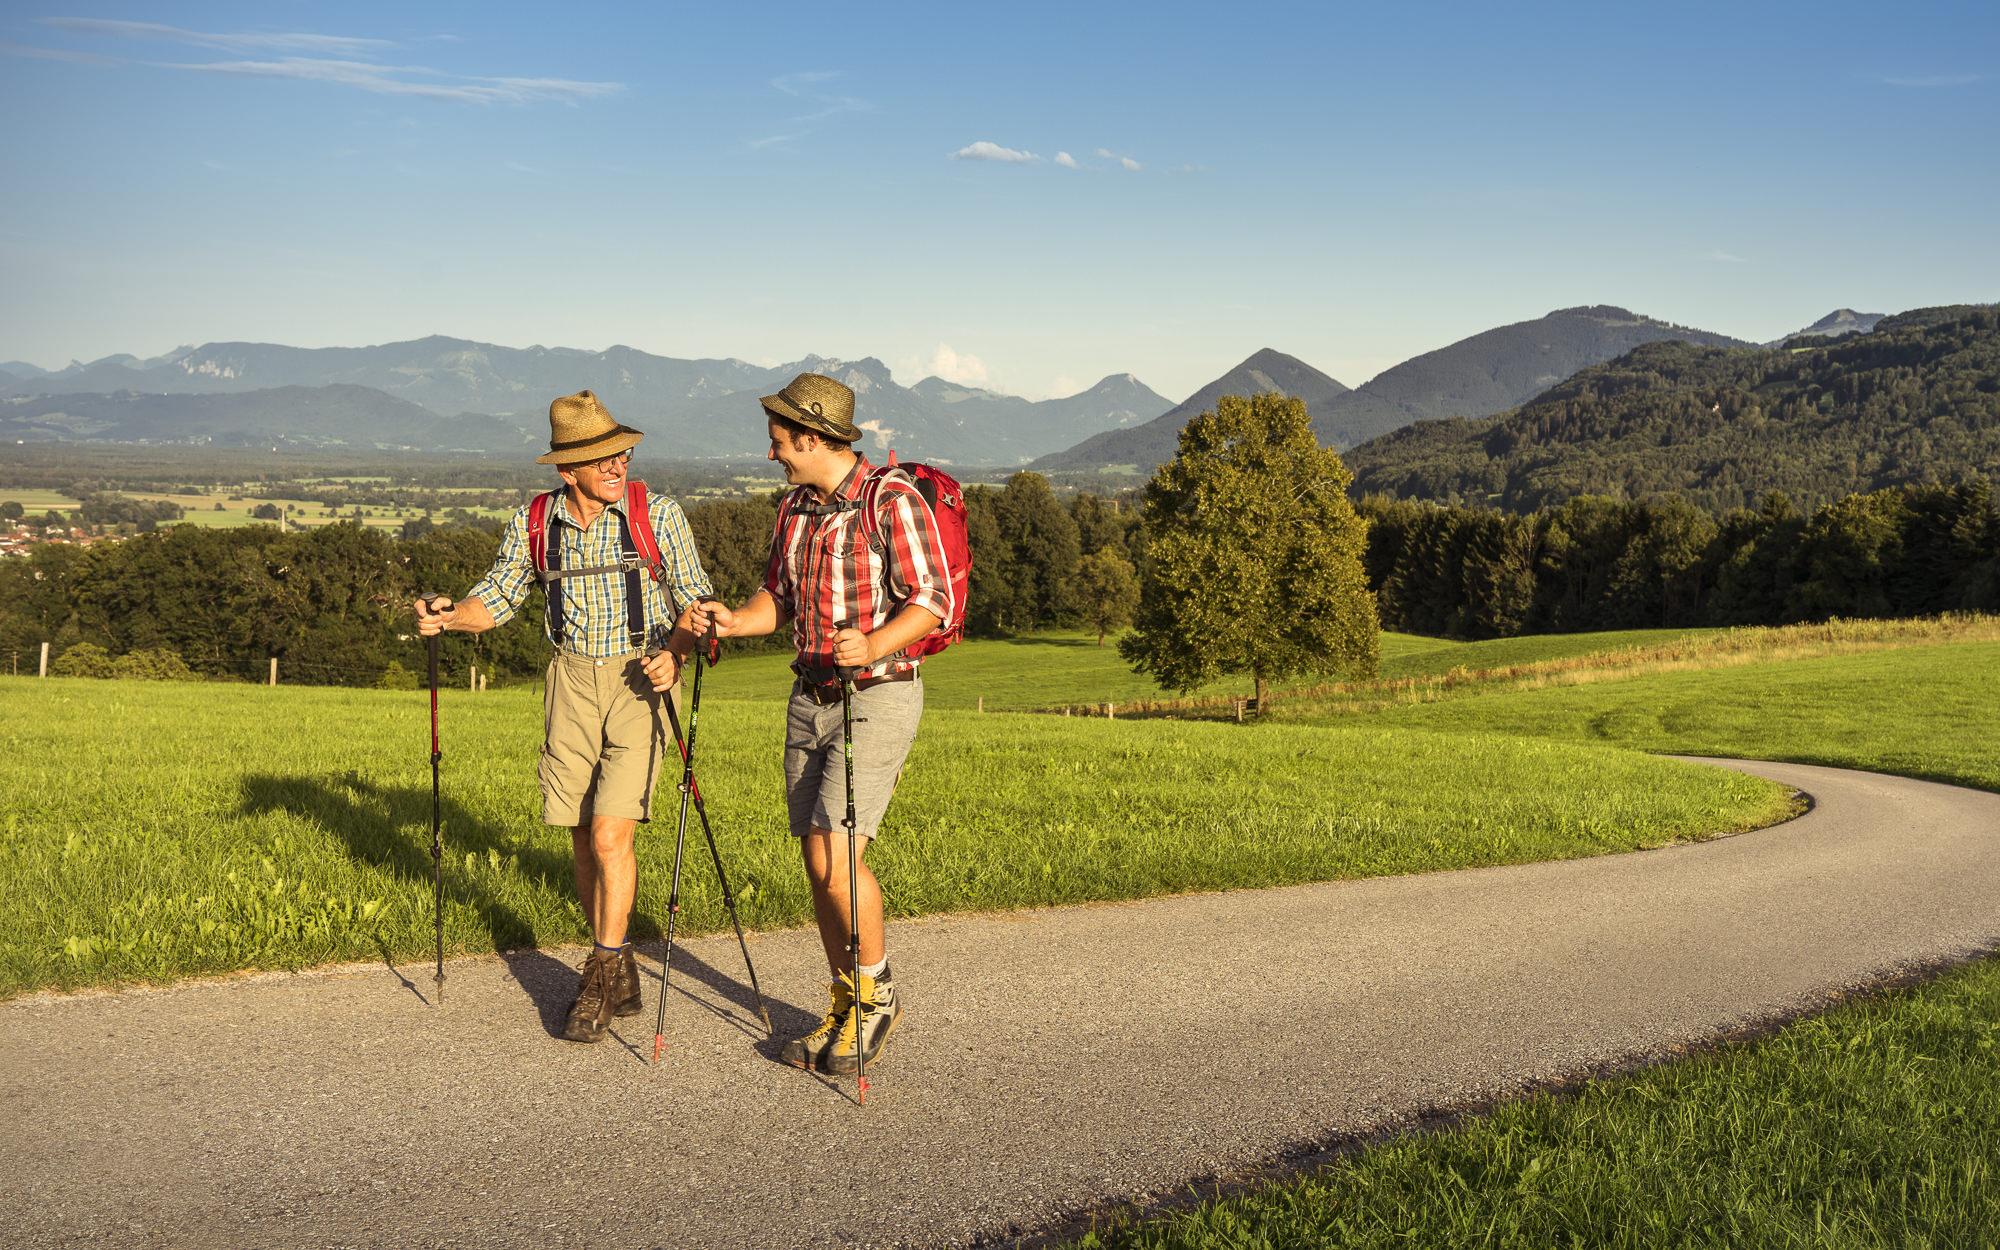 Fotograf Detlev Christian Schmidt - Menschen im Tourismus und Sport